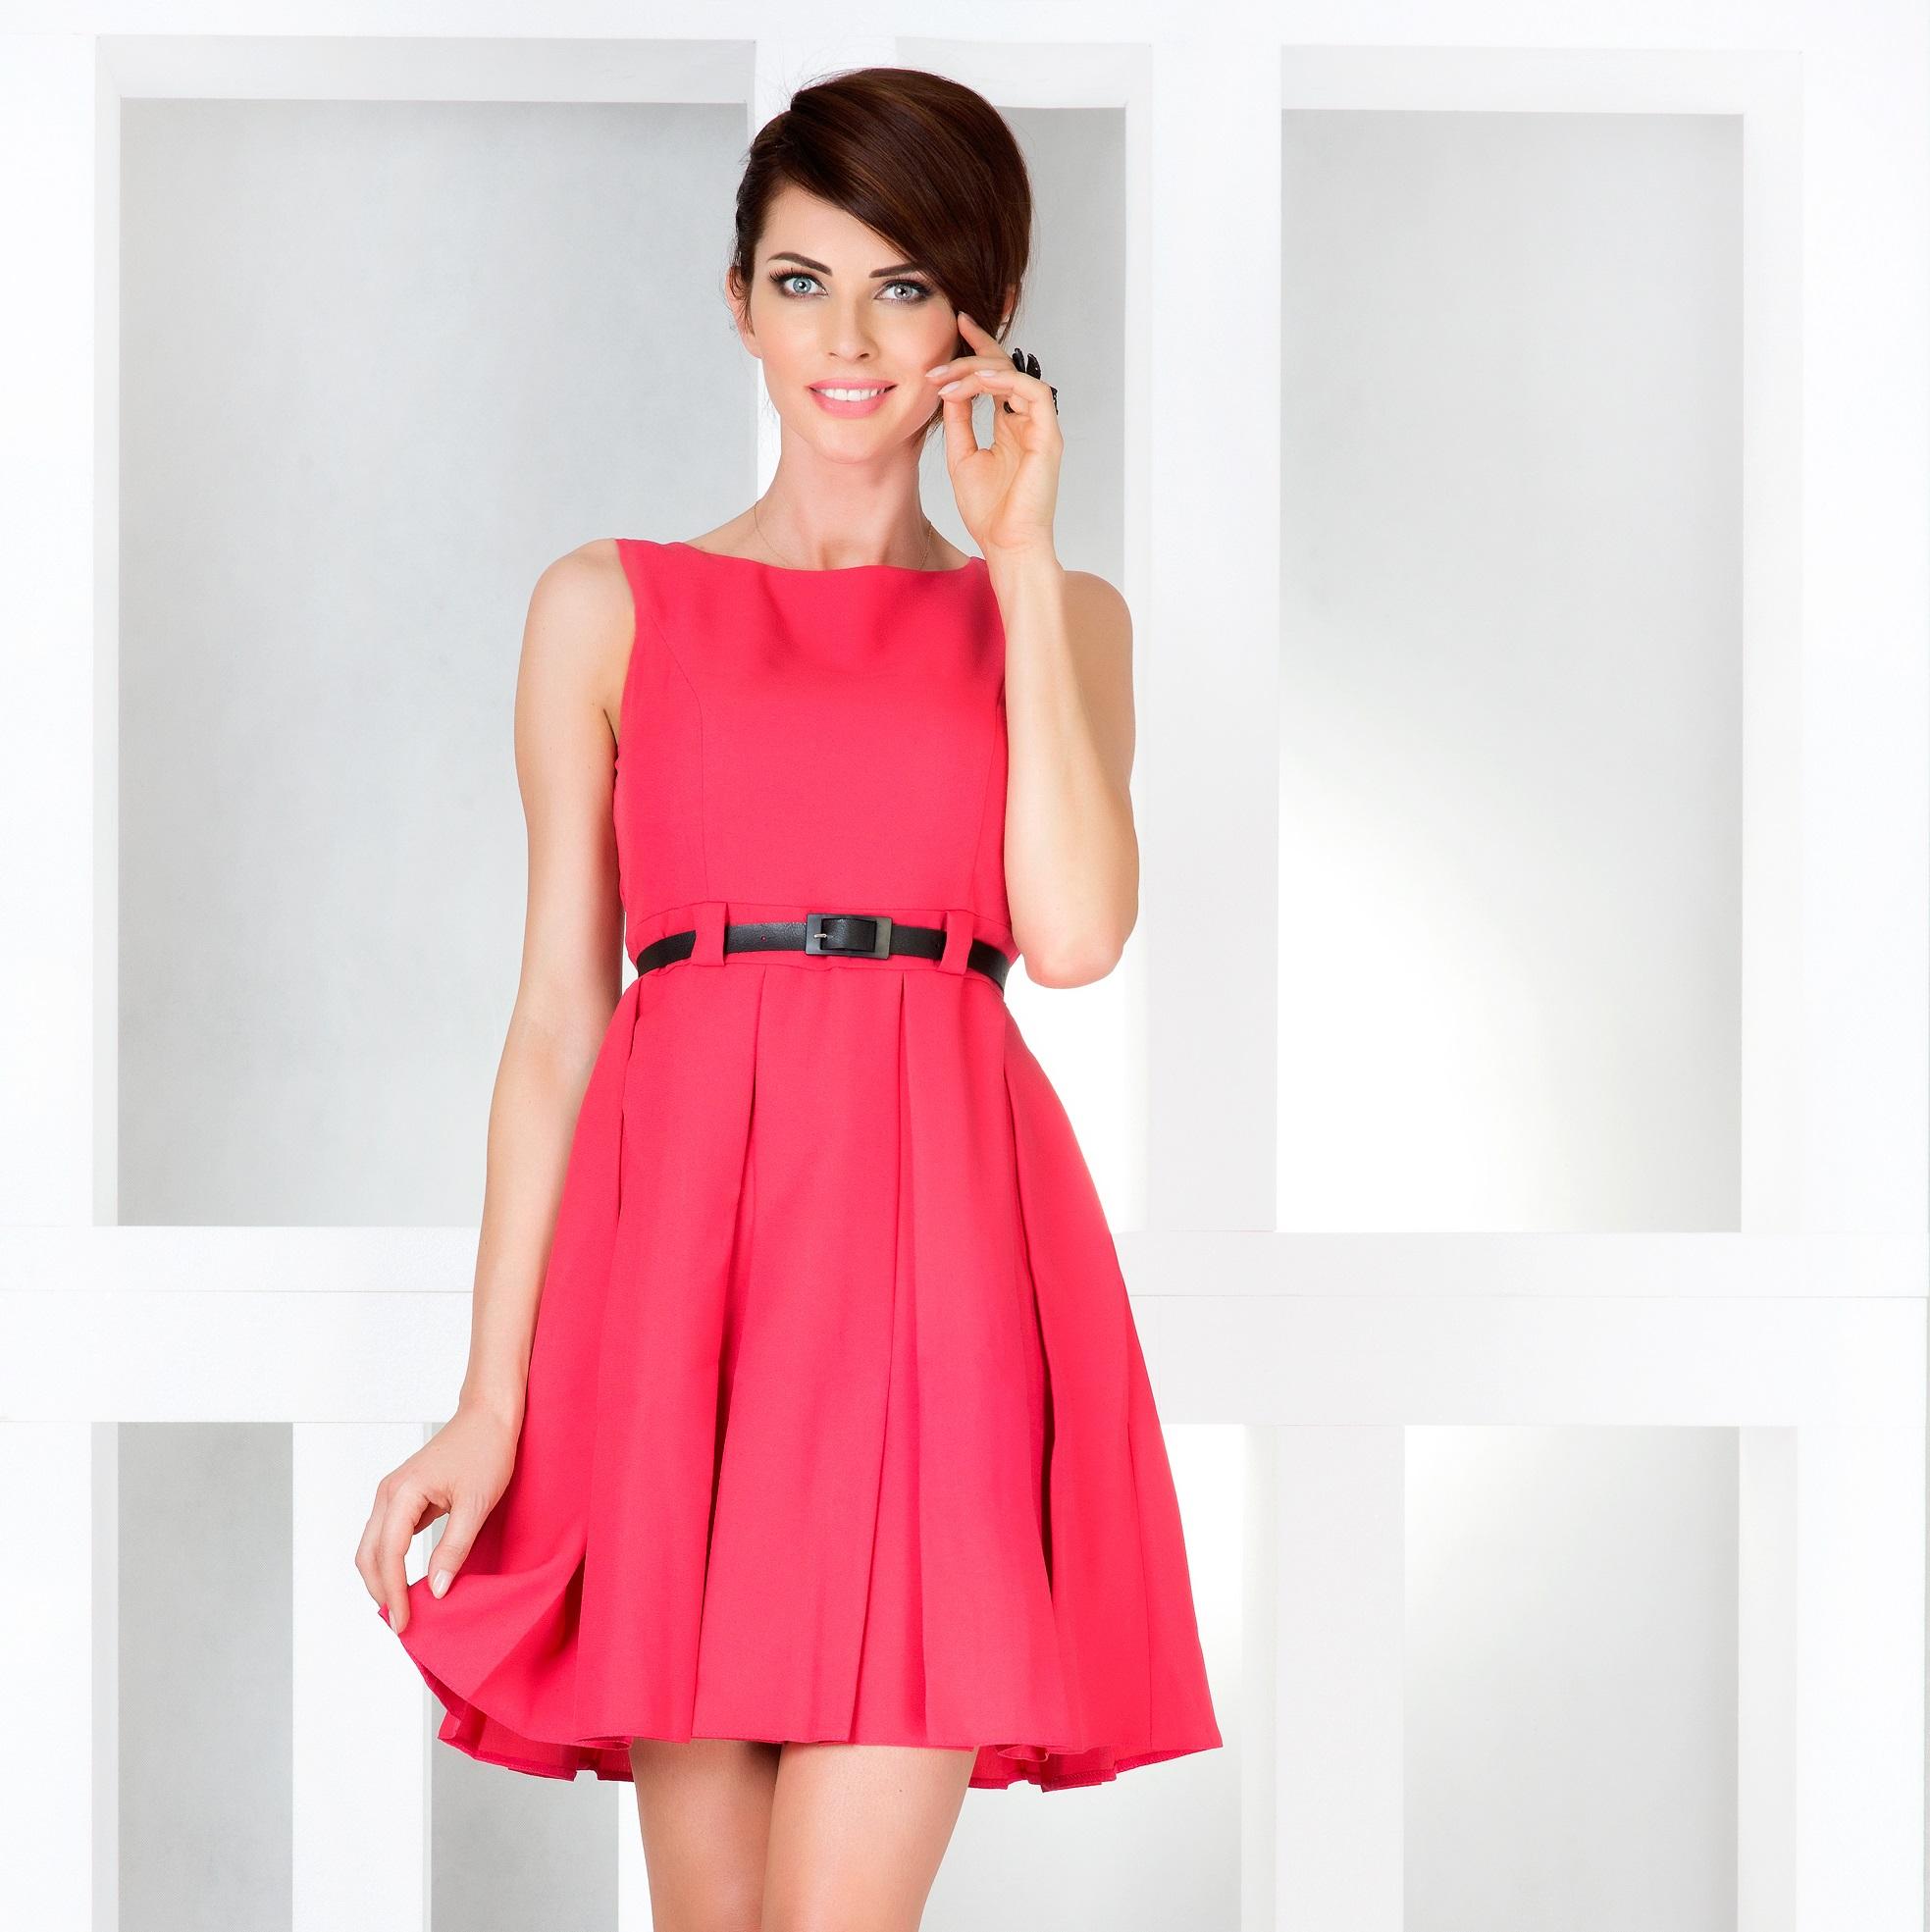 44e001f360 Ładna Sukienka Dla Puszystych Duże Rozmiary 6-8 XL - 7165288673 ...